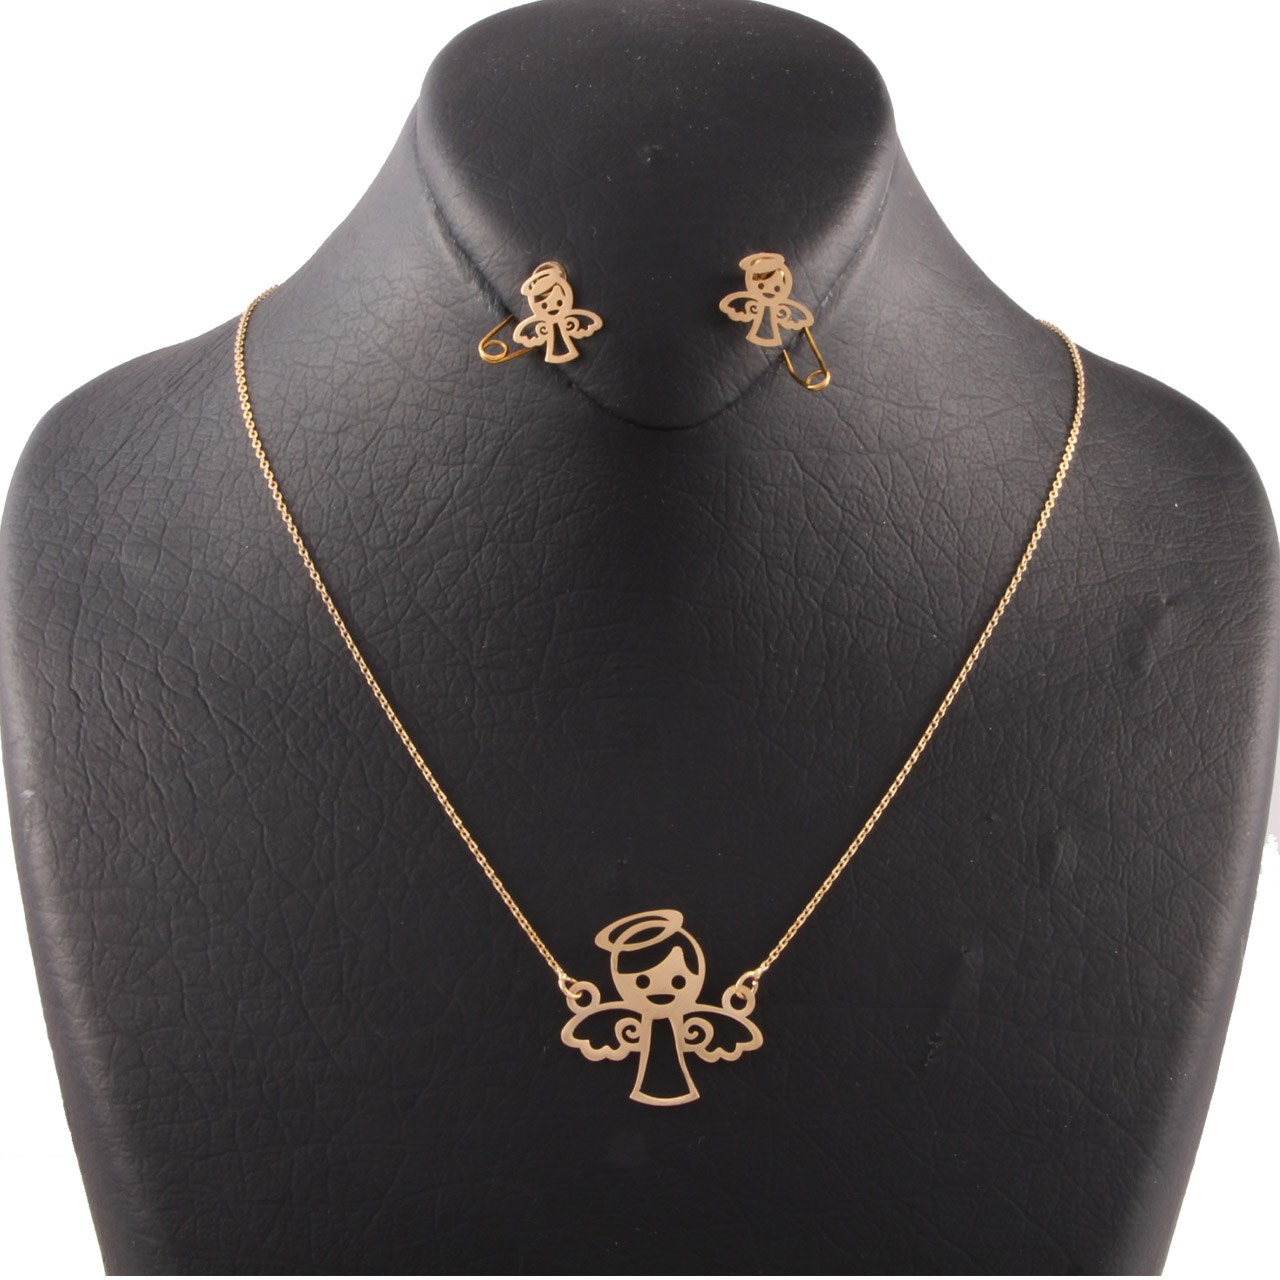 قیمت نیم ست طلا 18 عیار سپیده گالری SH0001